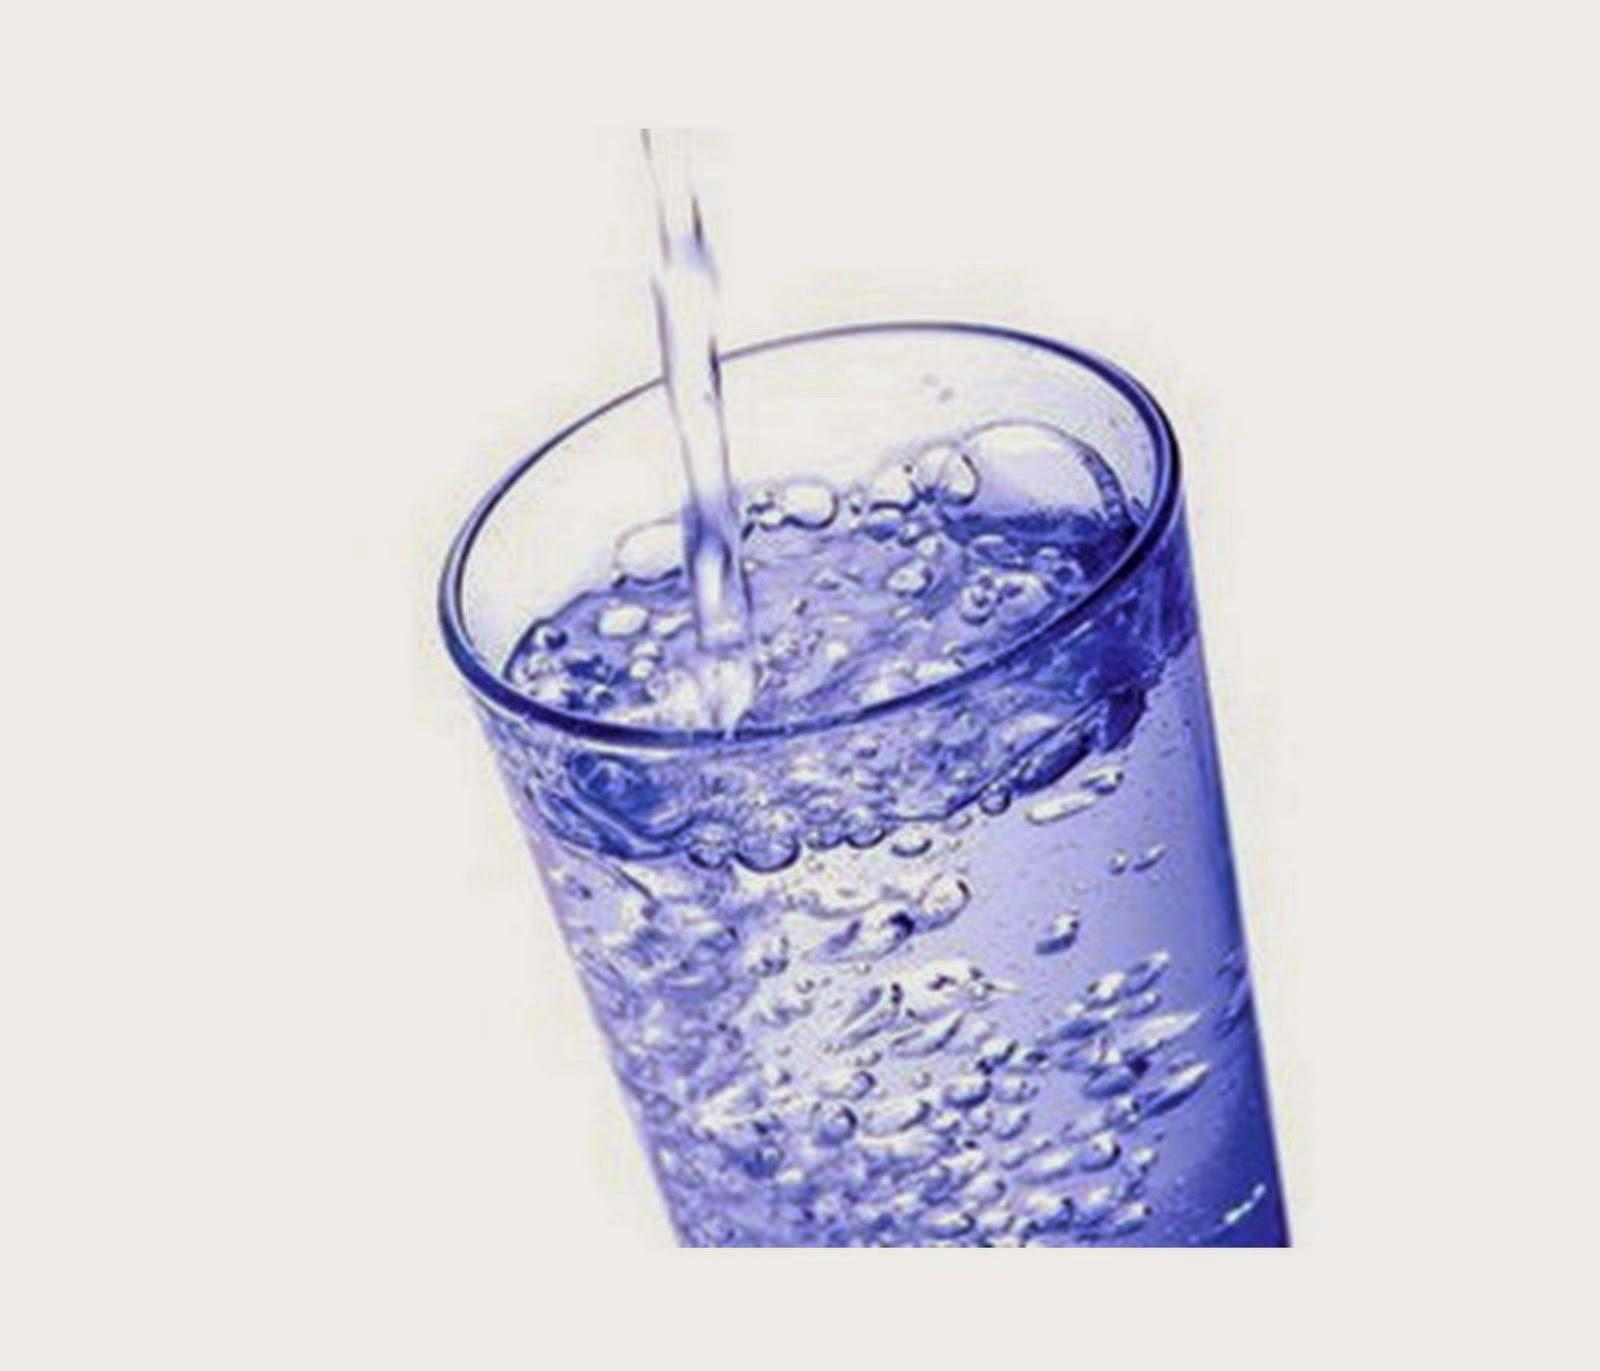 Manfaat Minum Air Putih untuk Kesehatan yang Sangat Luar Biasa